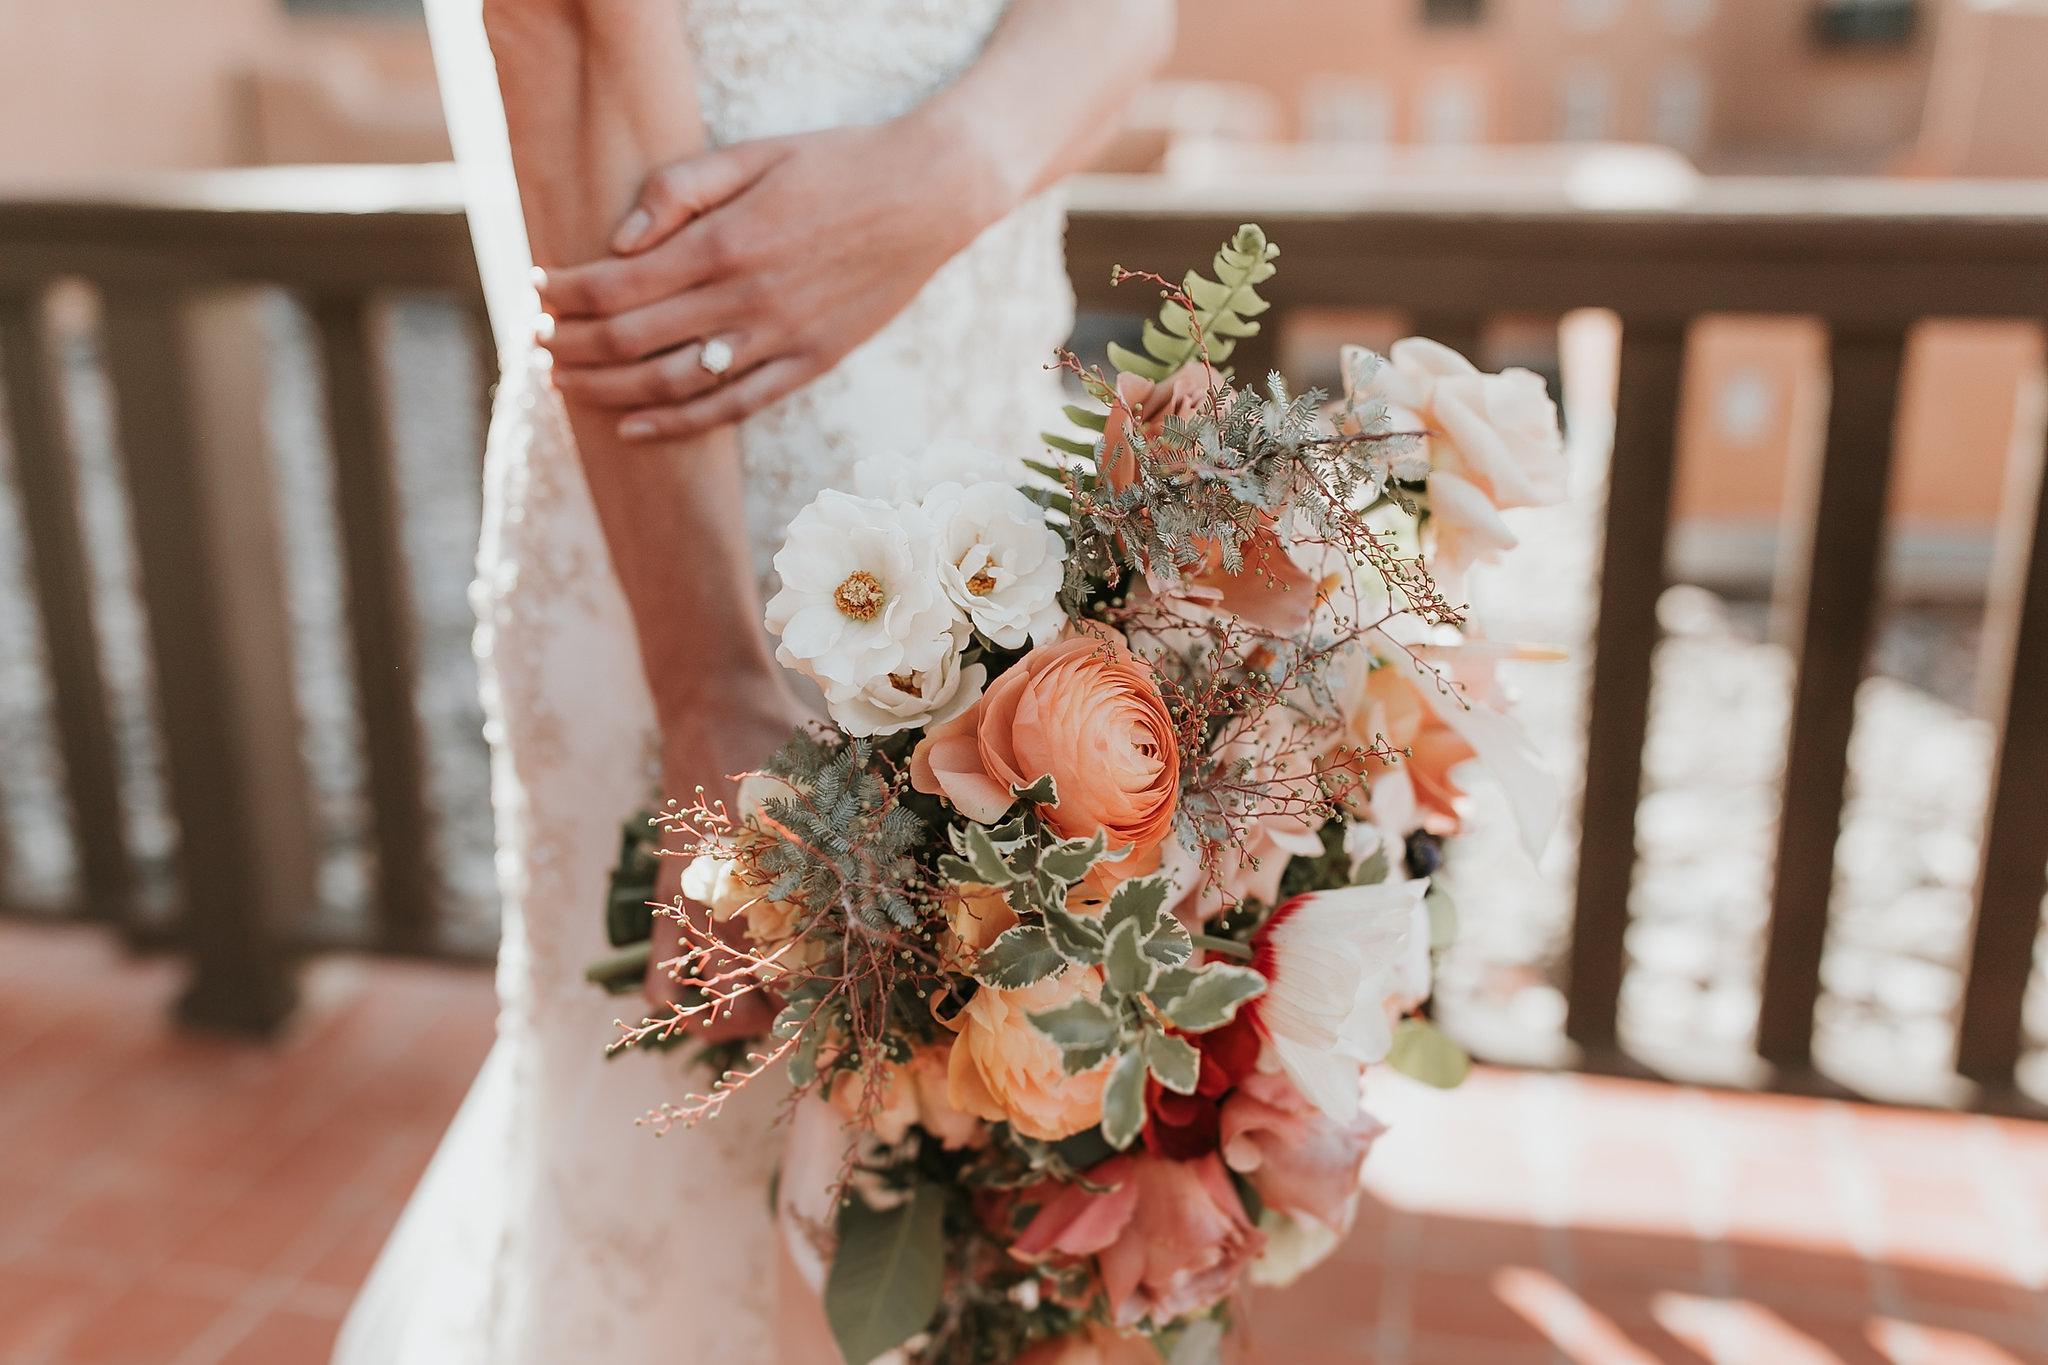 Alicia+lucia+photography+-+albuquerque+wedding+photographer+-+santa+fe+wedding+photography+-+new+mexico+wedding+photographer+-+new+mexico+florist+-+wedding+florist+-+renegade+floral_0060.jpg